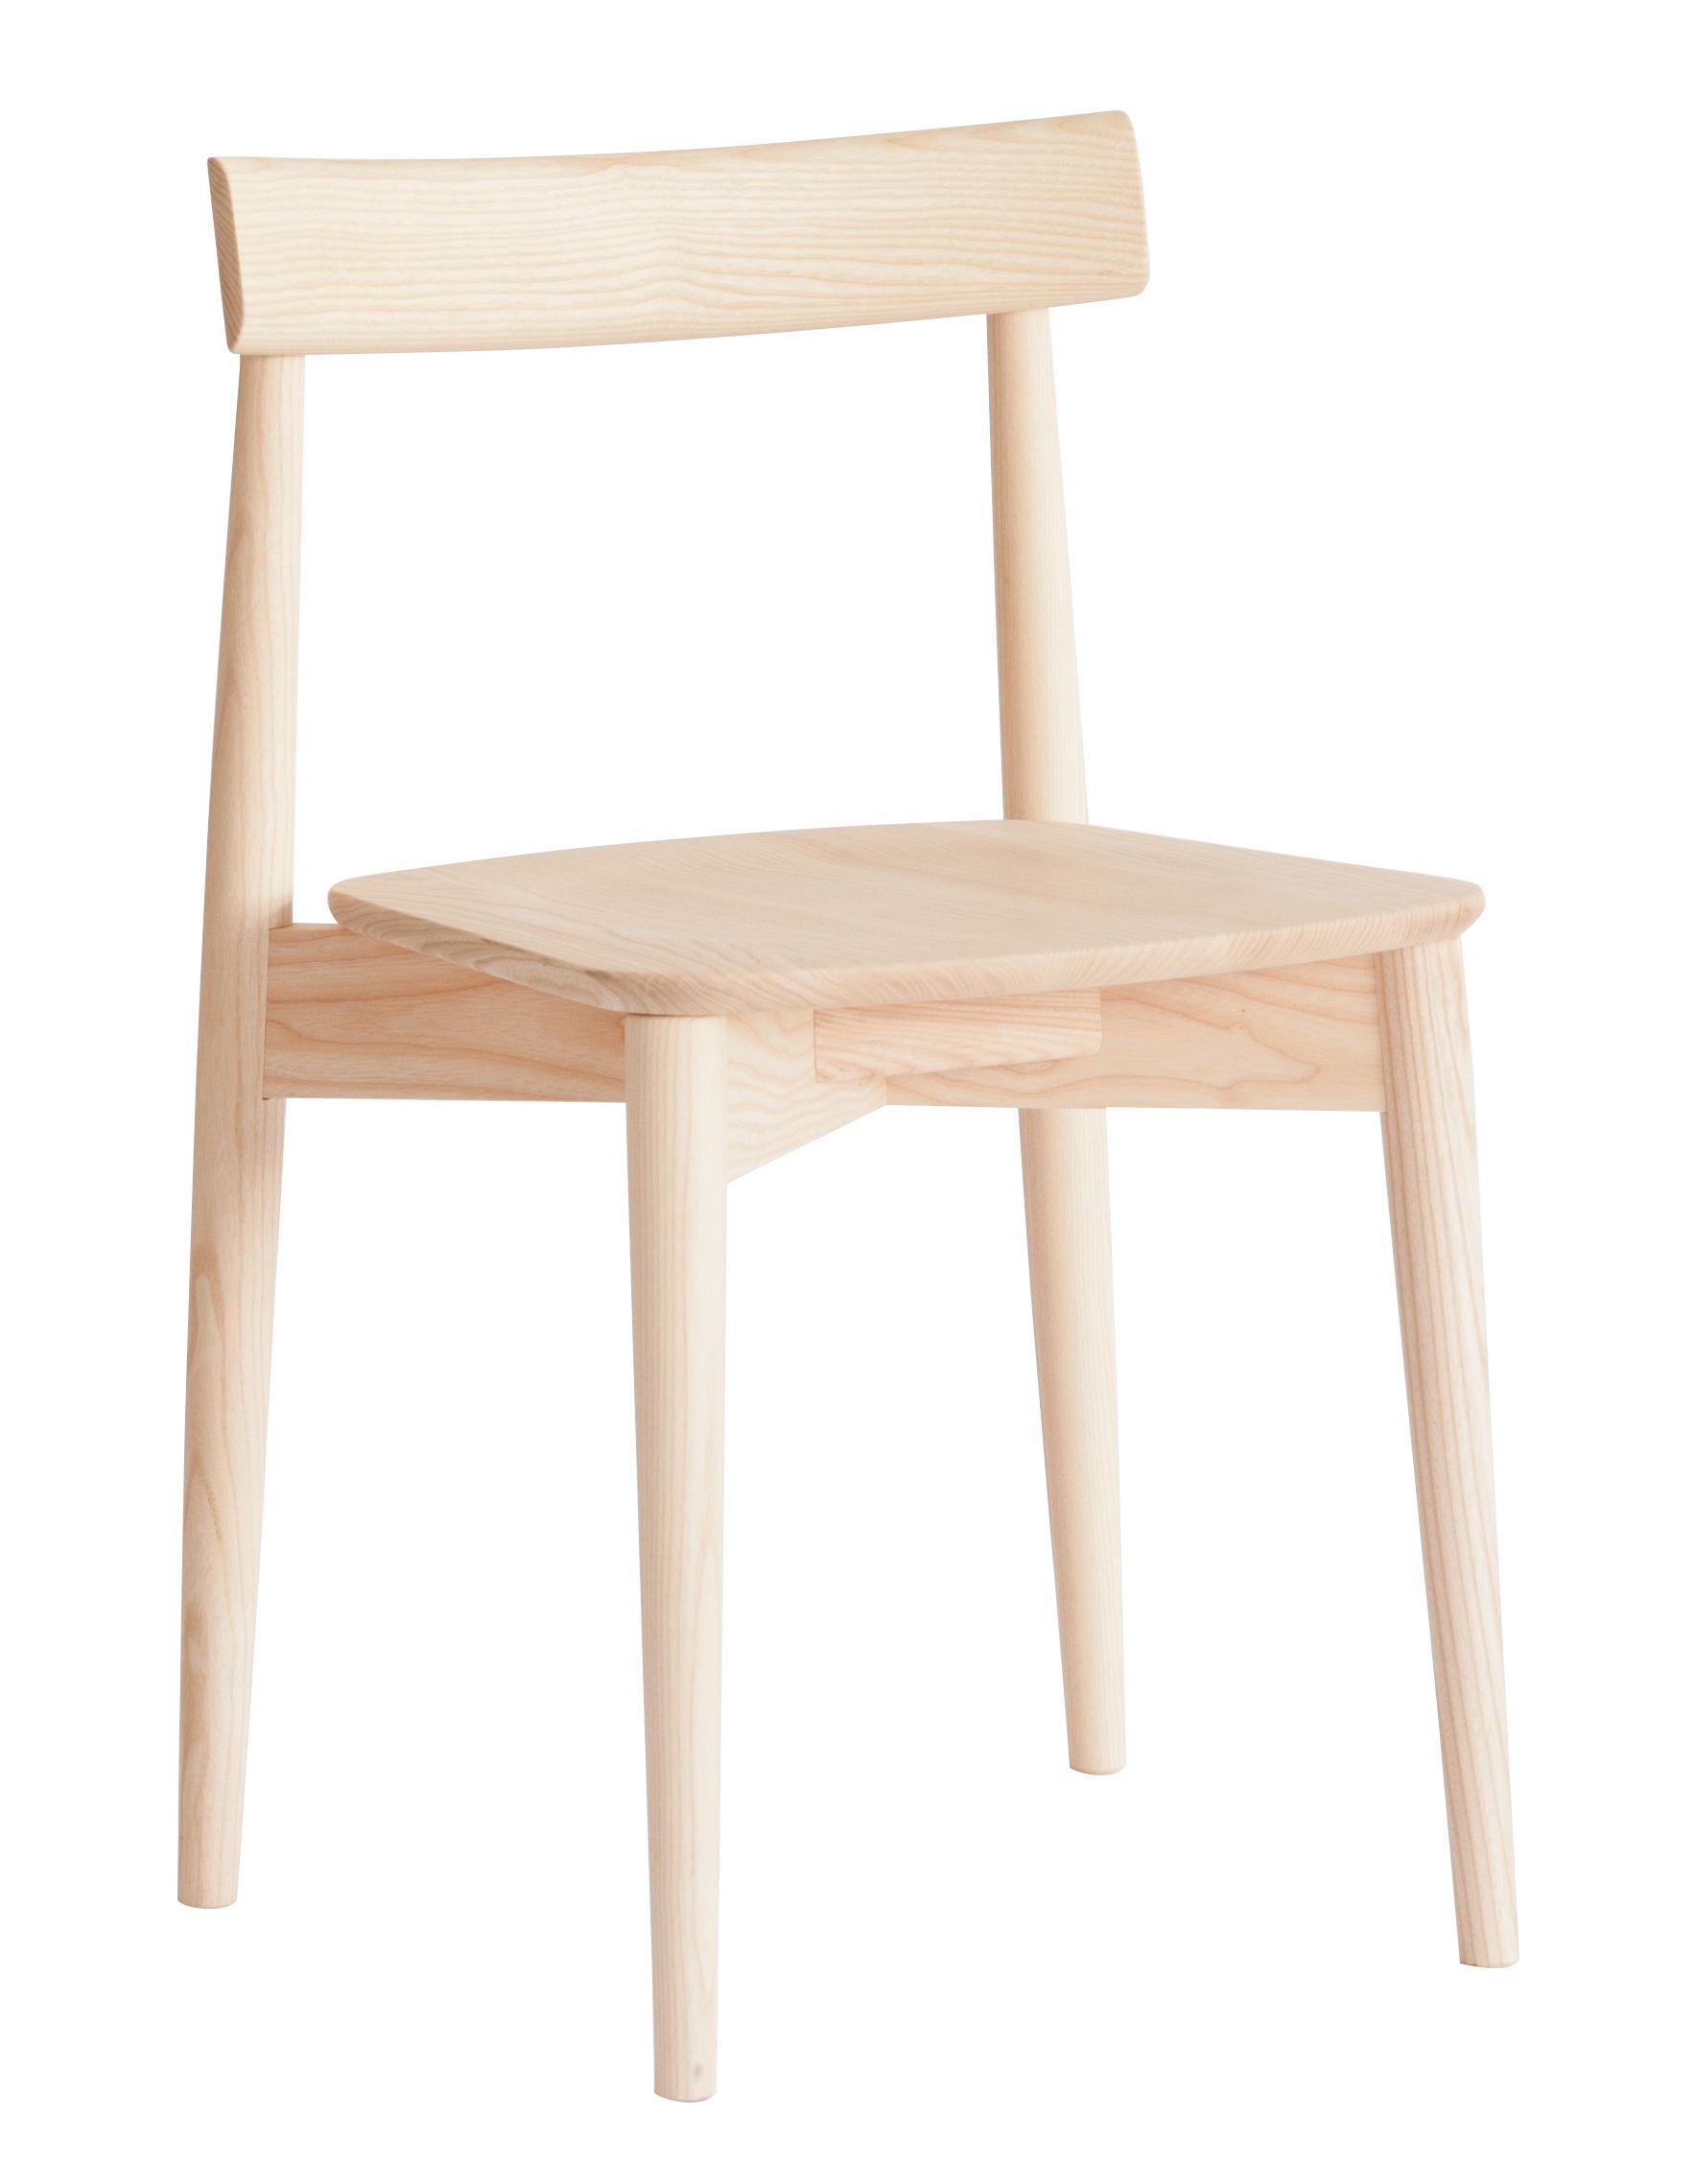 Lara / Holz | Ercol | Stapelbarer Stuhl